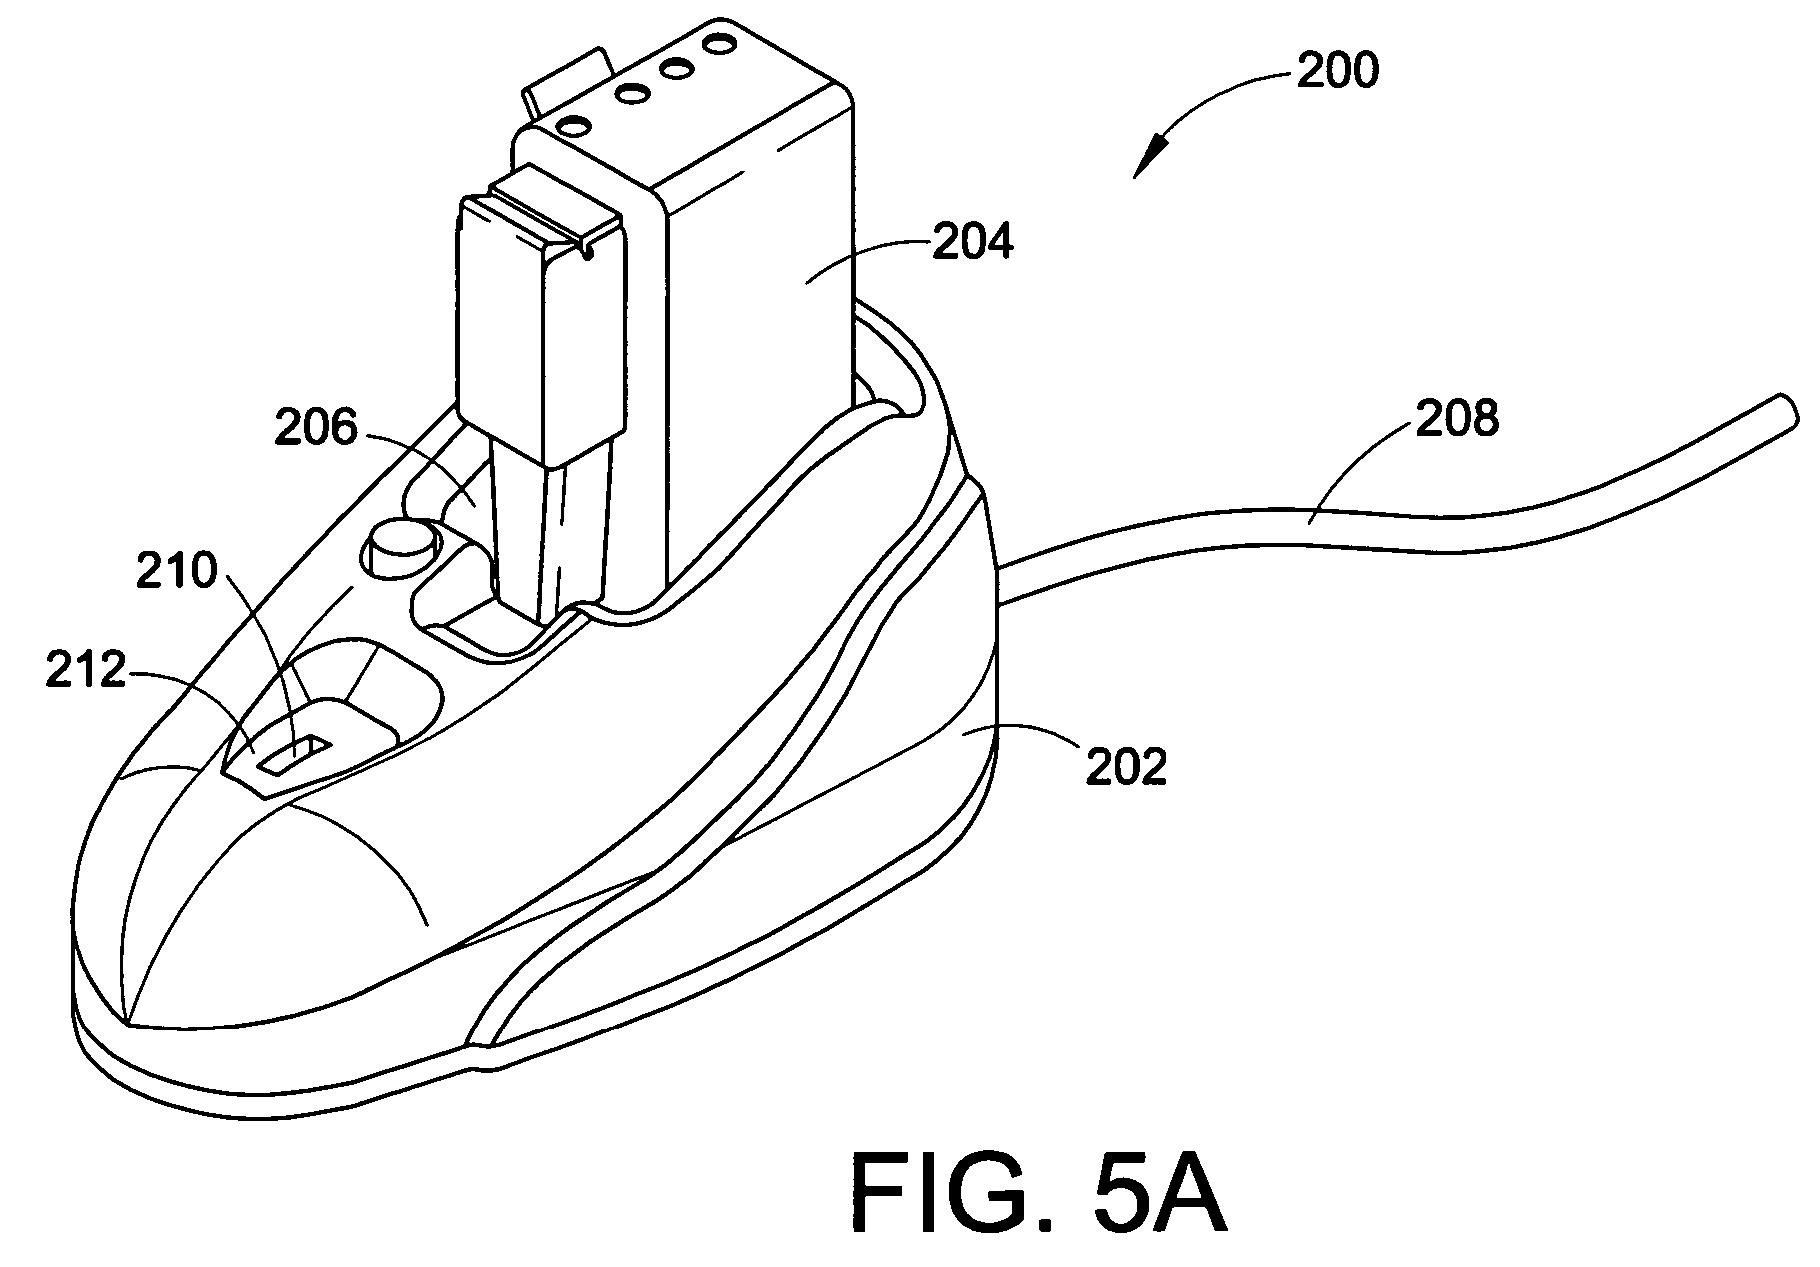 mortise lock parts diagram porsche 964 dme wiring schlage door free engine